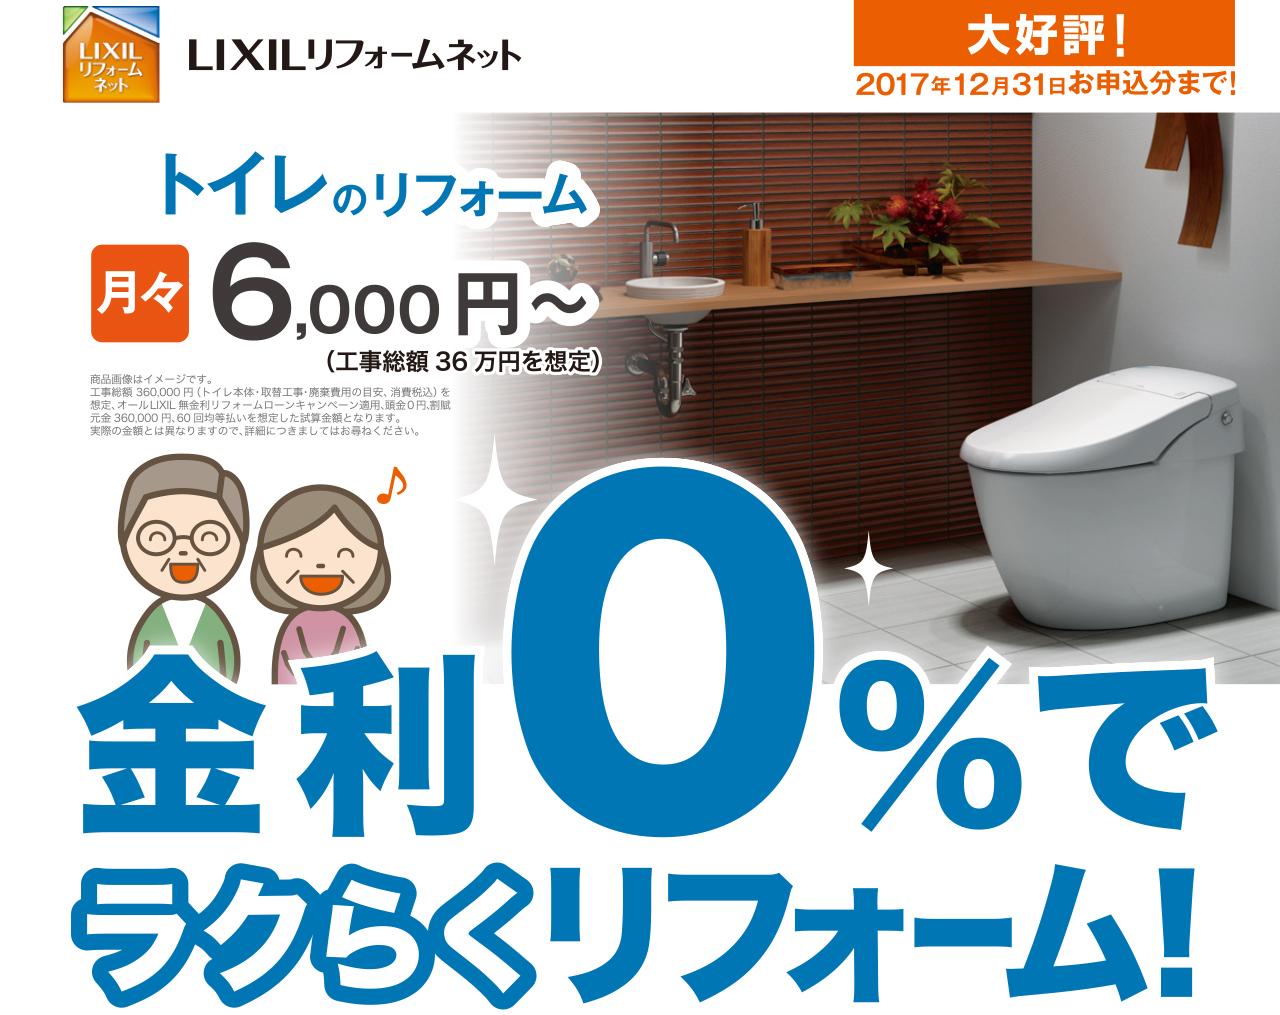 5/1(月)より オールLIXIL【無金利リフォームローン】キャンペーン開催の画像